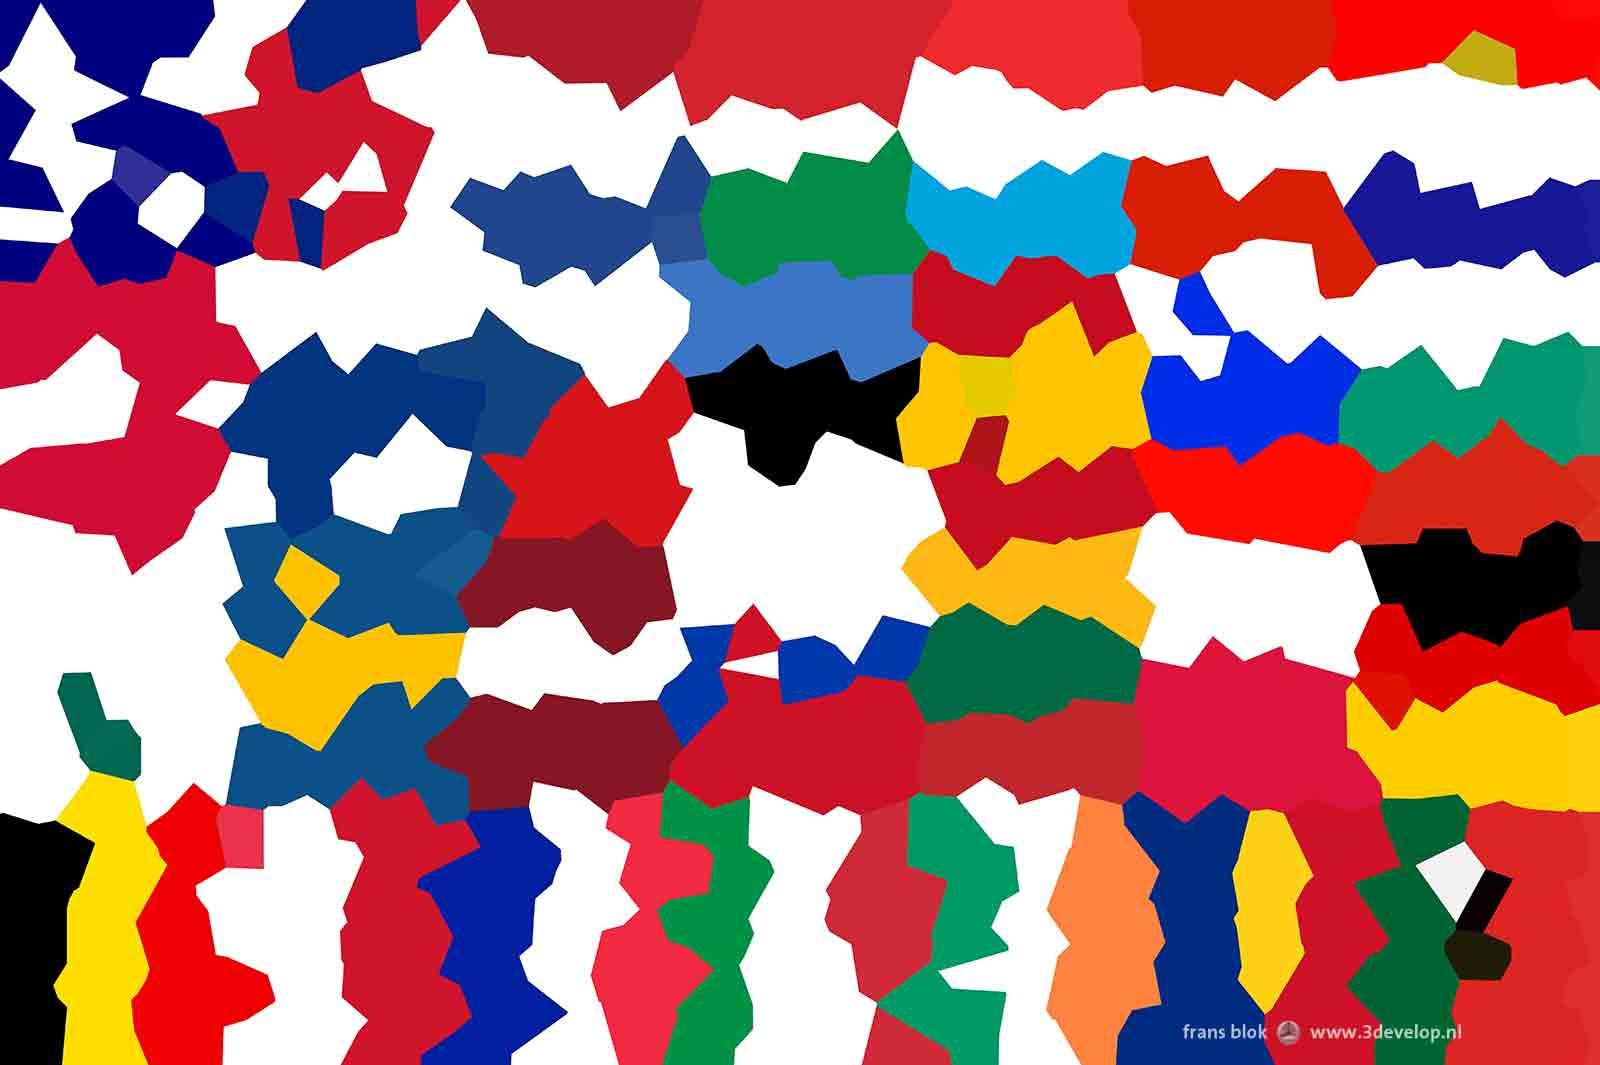 Compositie met de 28 vlaggen van de lidstaten van de Europese Unie, bewerkt met het Photoshop-filter crystallize